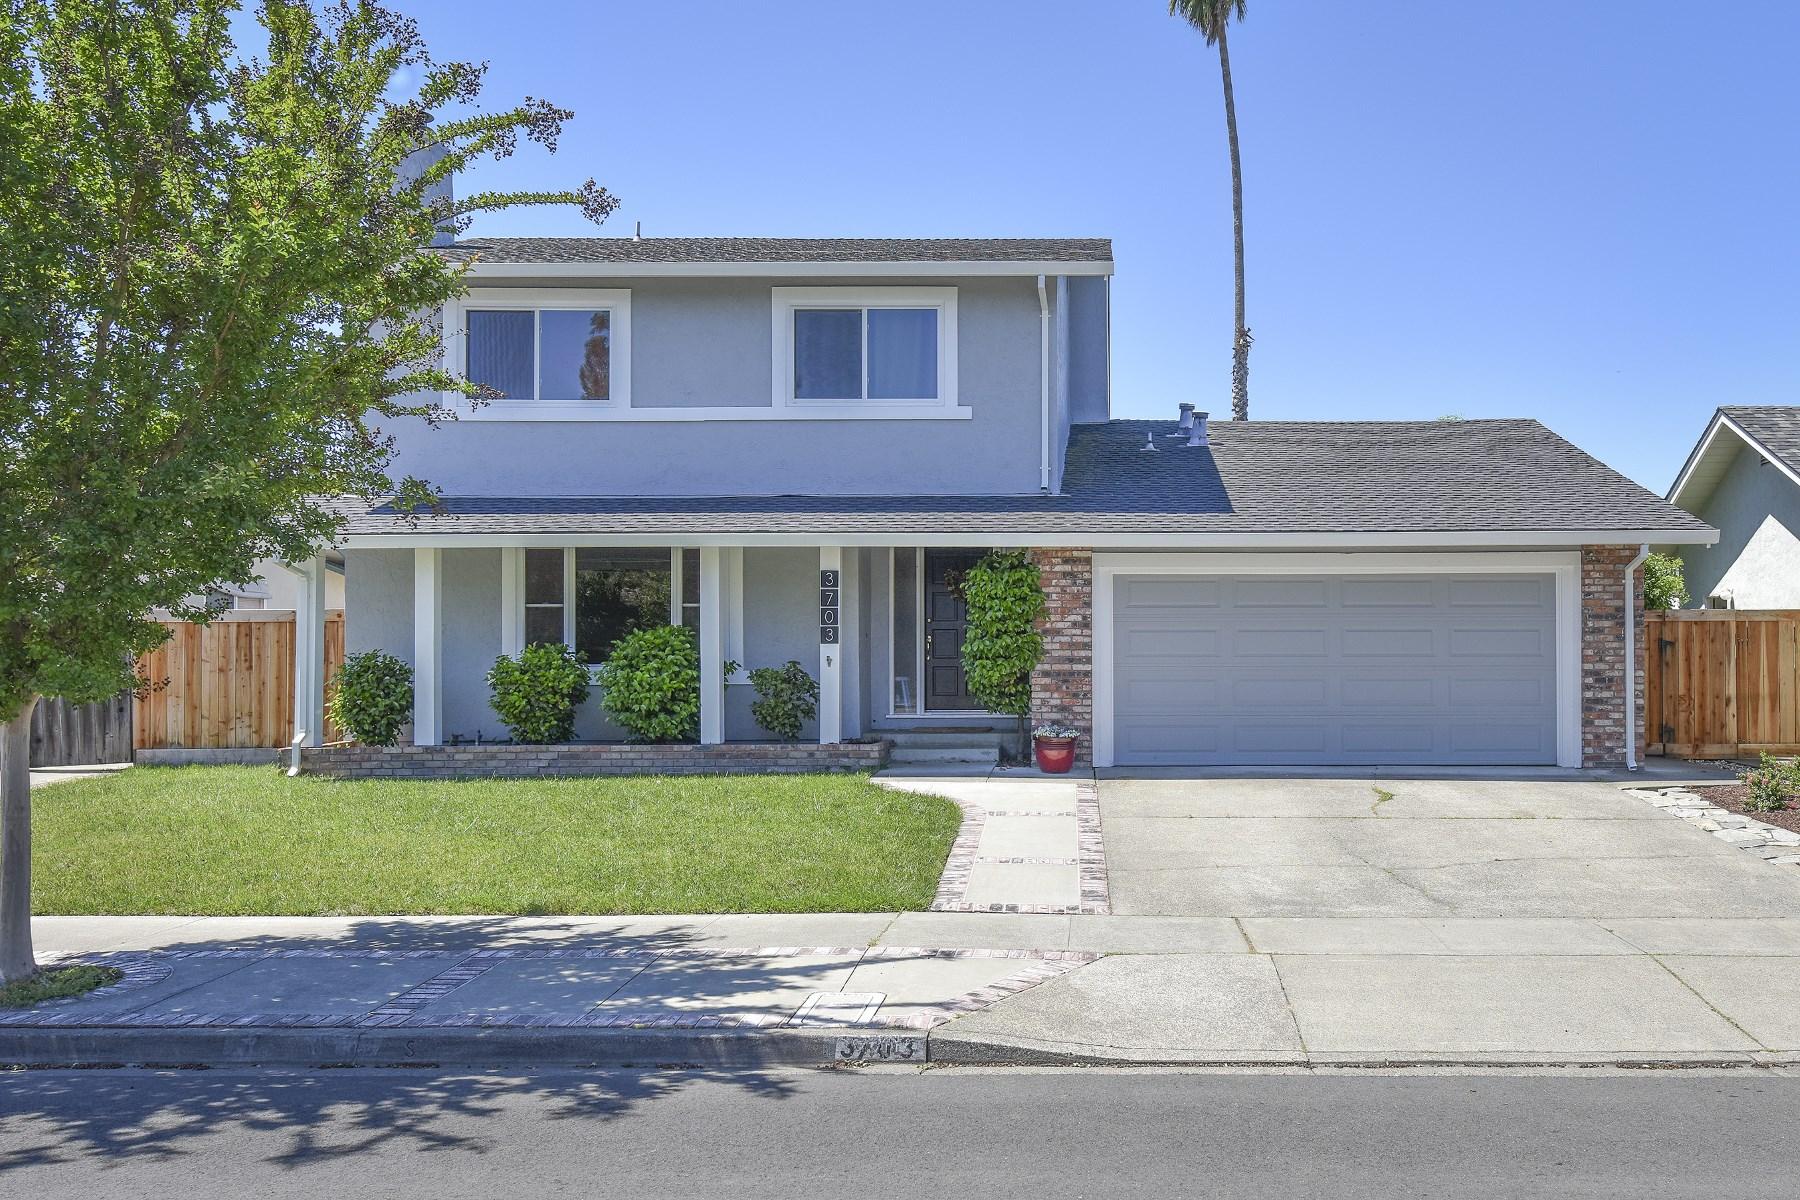 一戸建て のために 売買 アット Wonderful North Napa Home 3703 Argyle St Napa, カリフォルニア, 94558 アメリカ合衆国